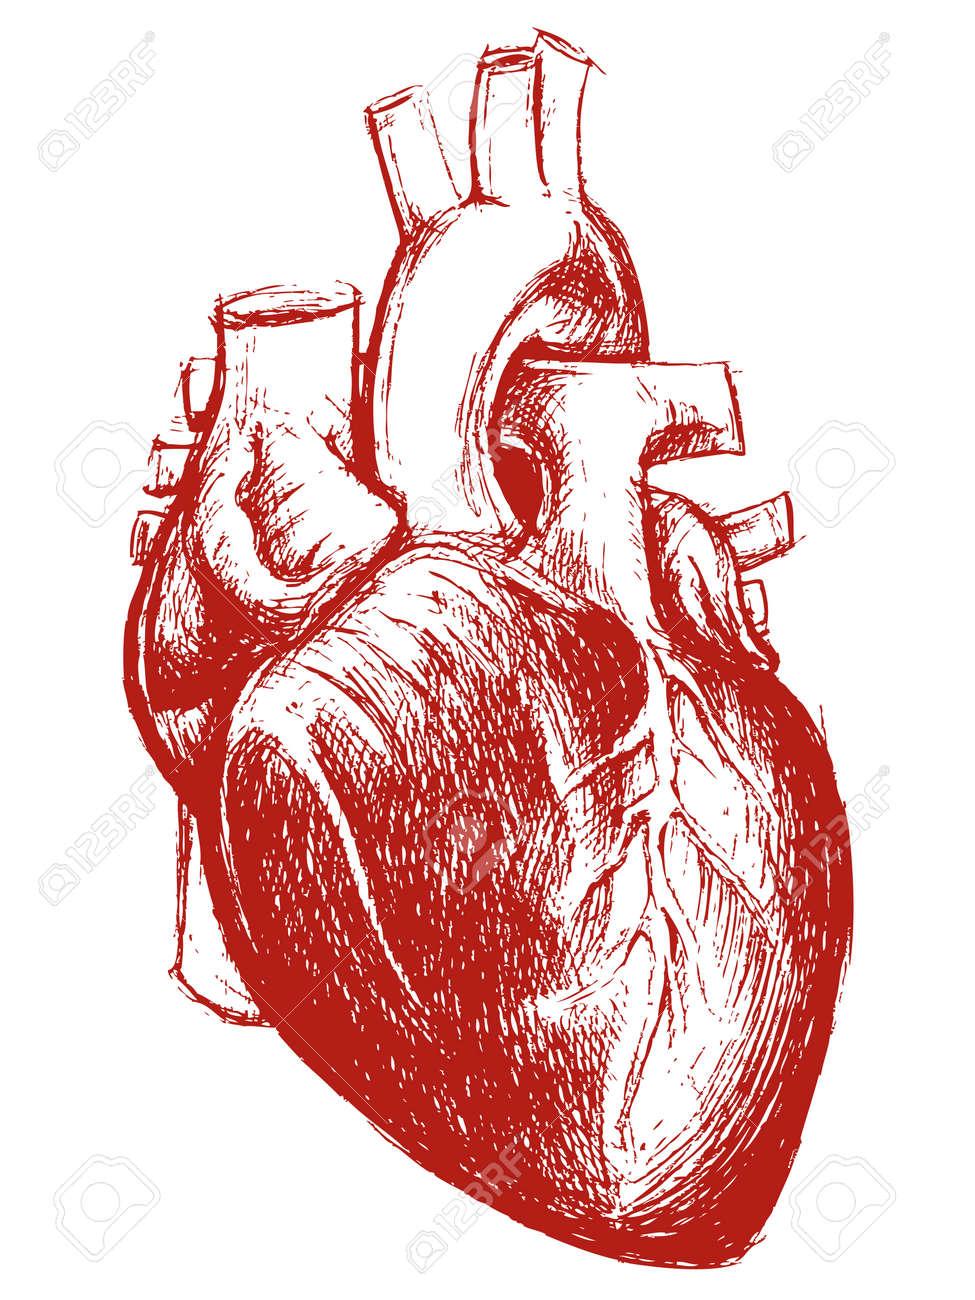 Trabalho De Linha De Desenho Do Coração Humano Ilustraciones